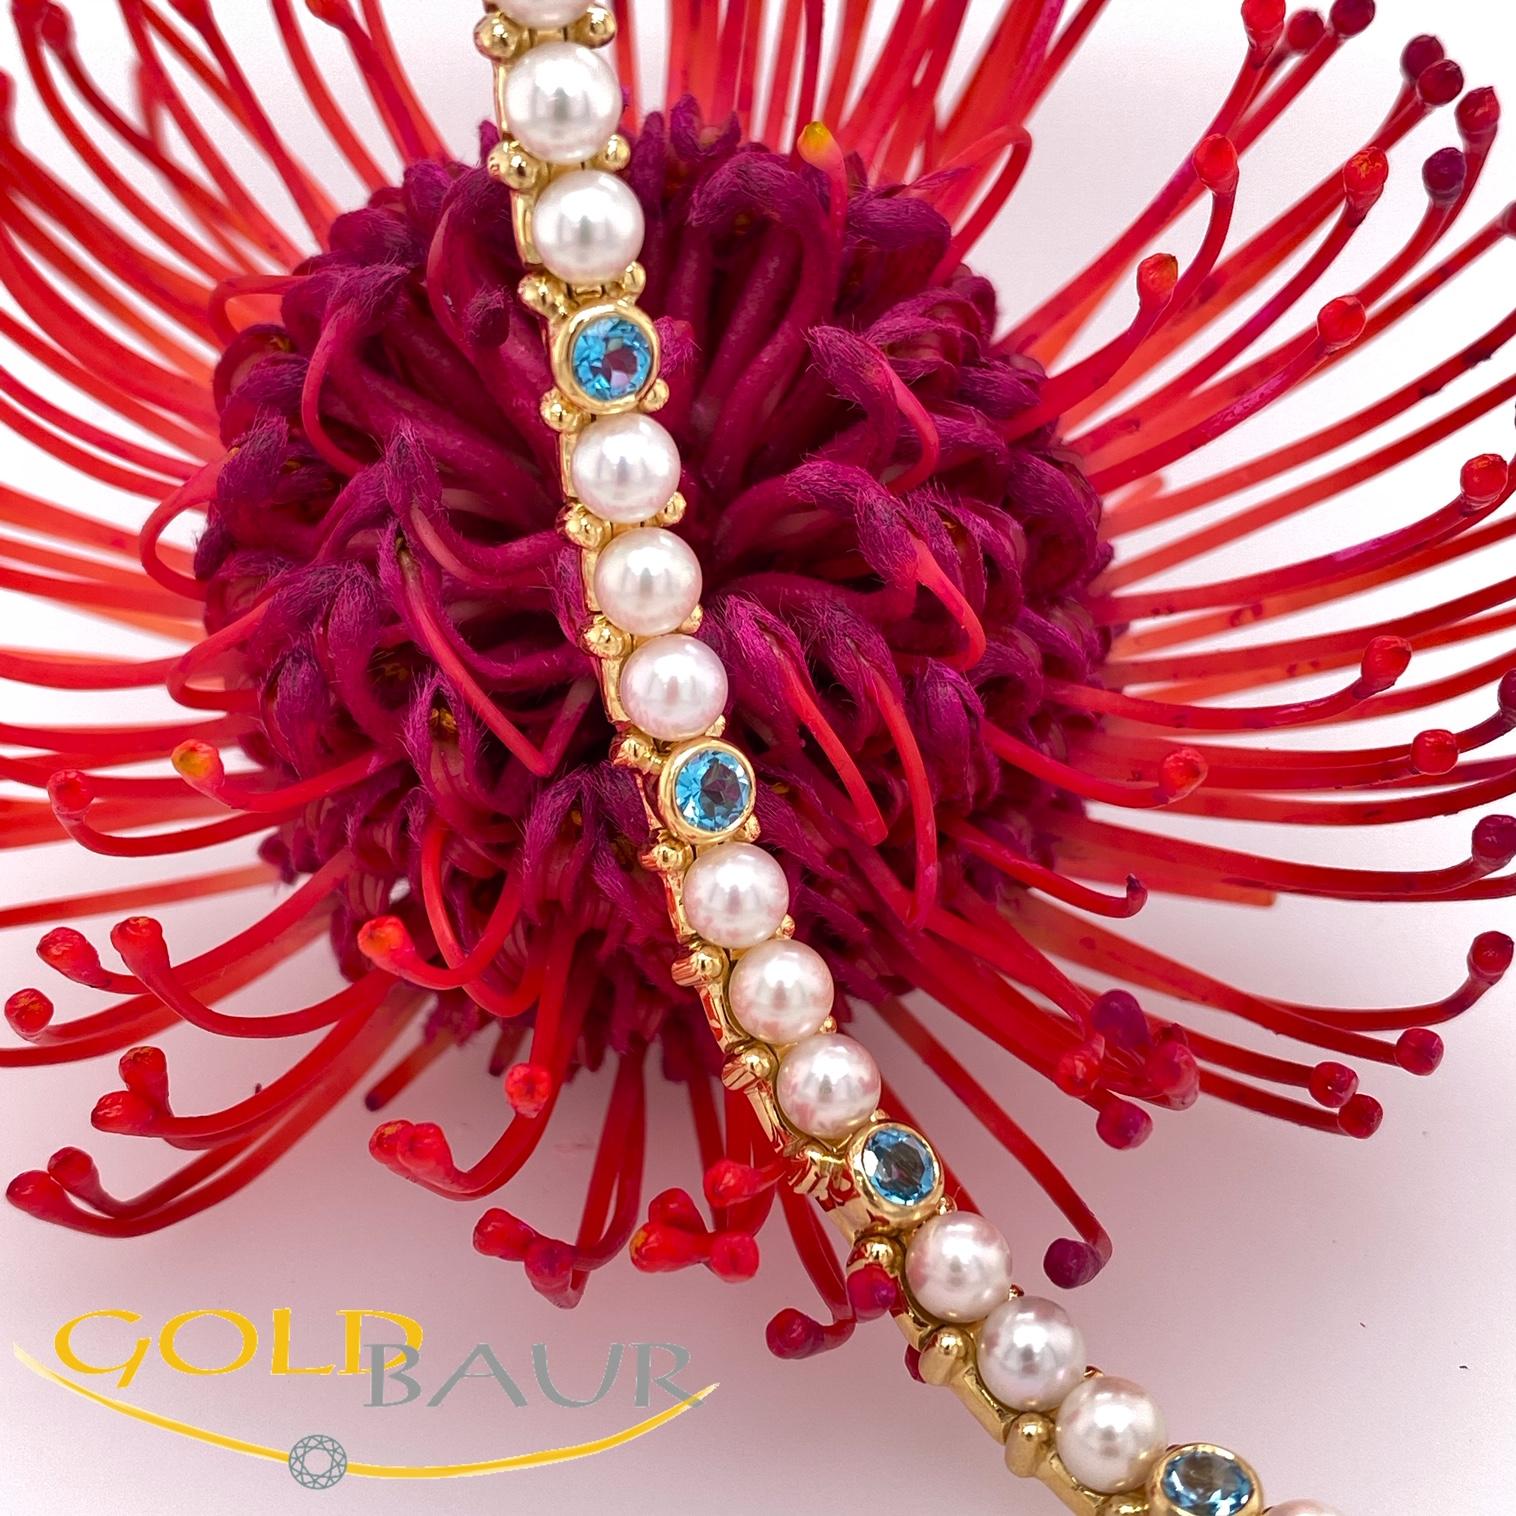 Armband, Perl-Armband, Edelsteine,beweglich, 750/Gelbgold, Handarbeit,